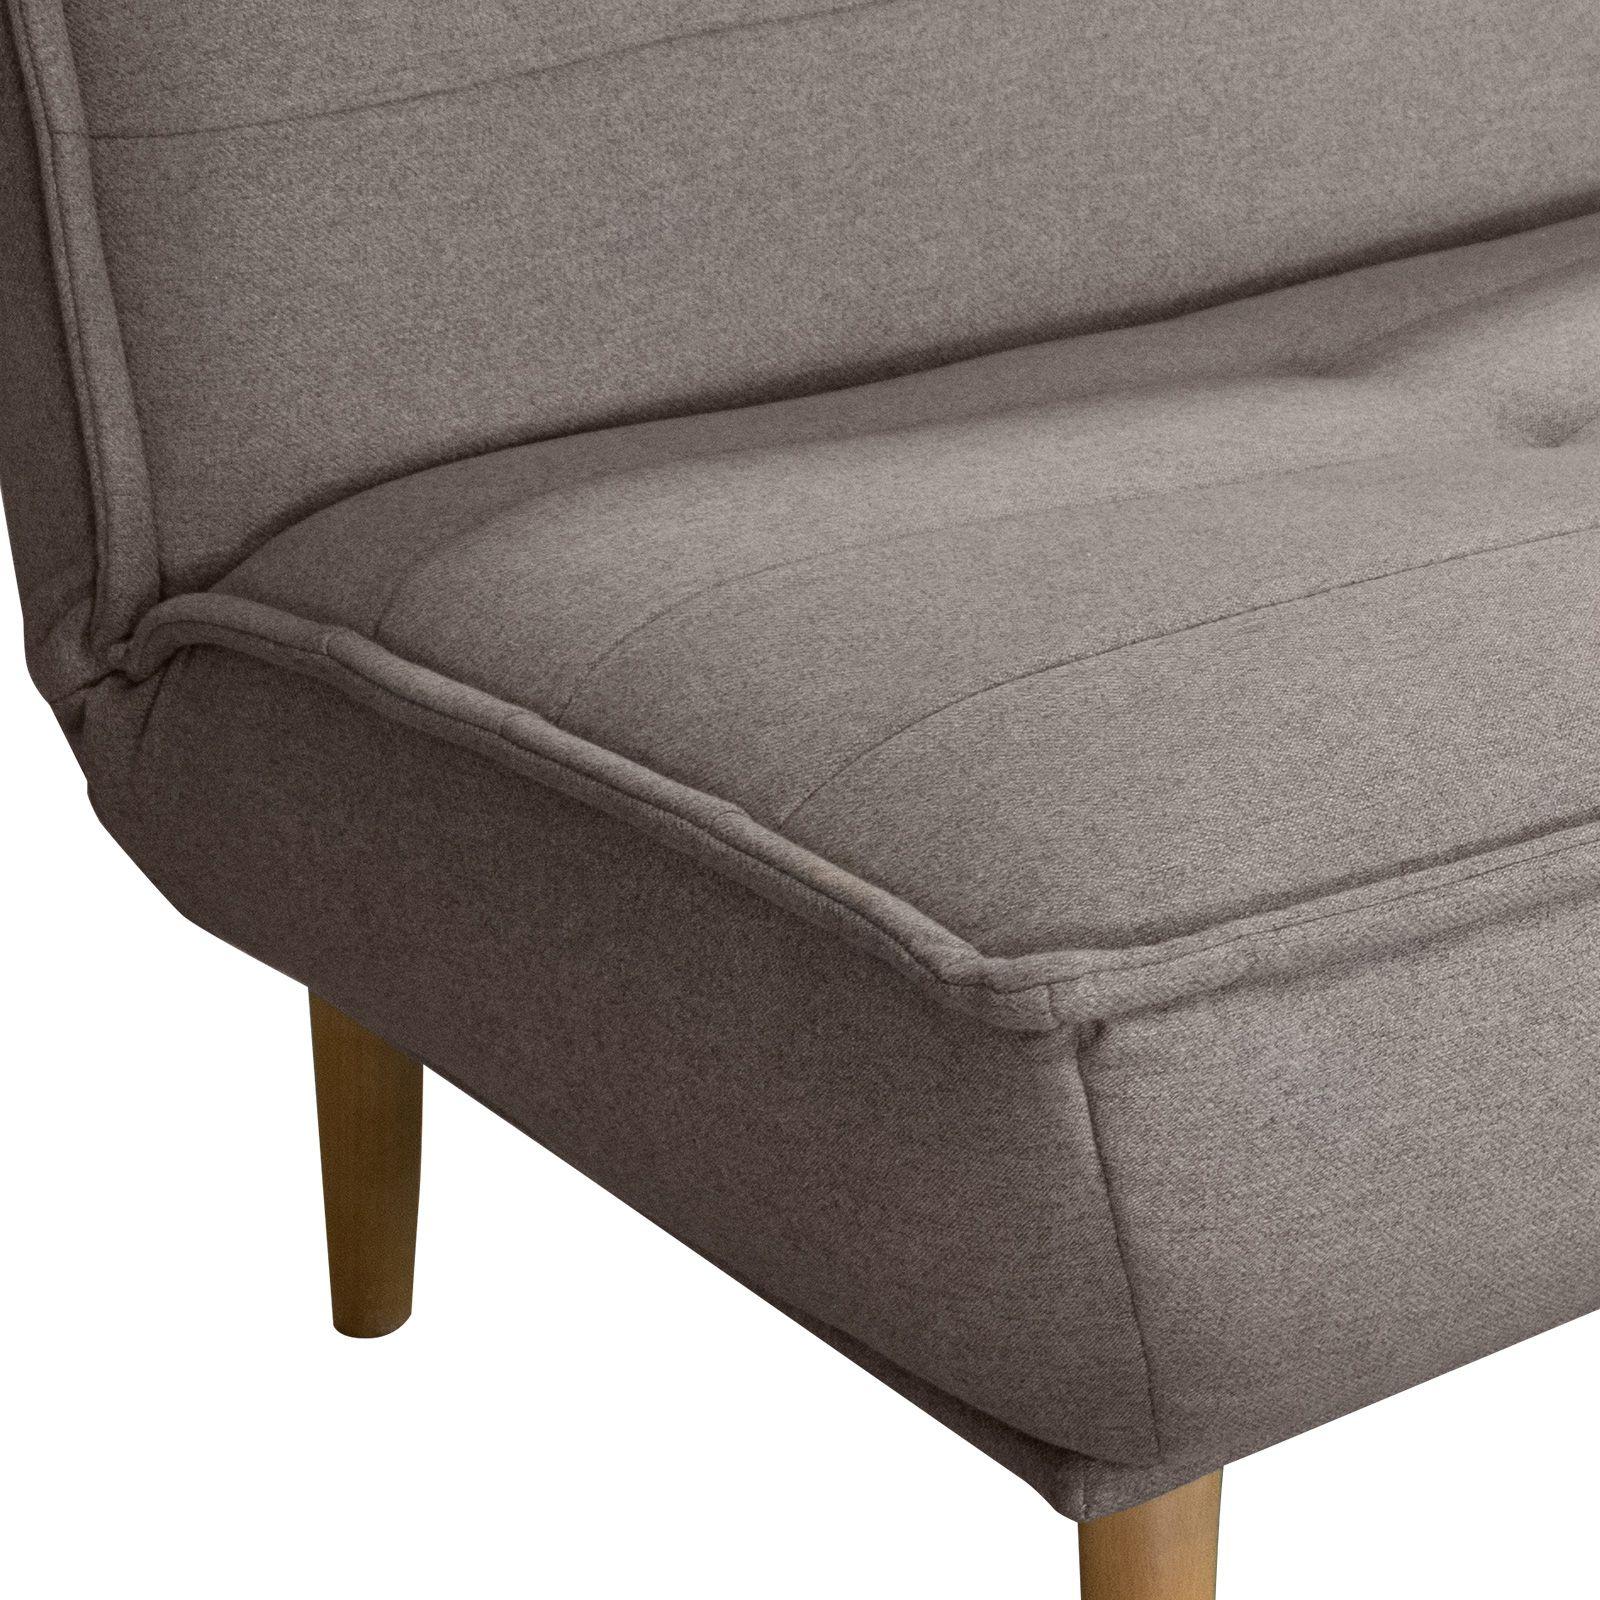 Canapé-lit tapissé en marron  (194 x 95 x 89 cm) | Série Hufranch